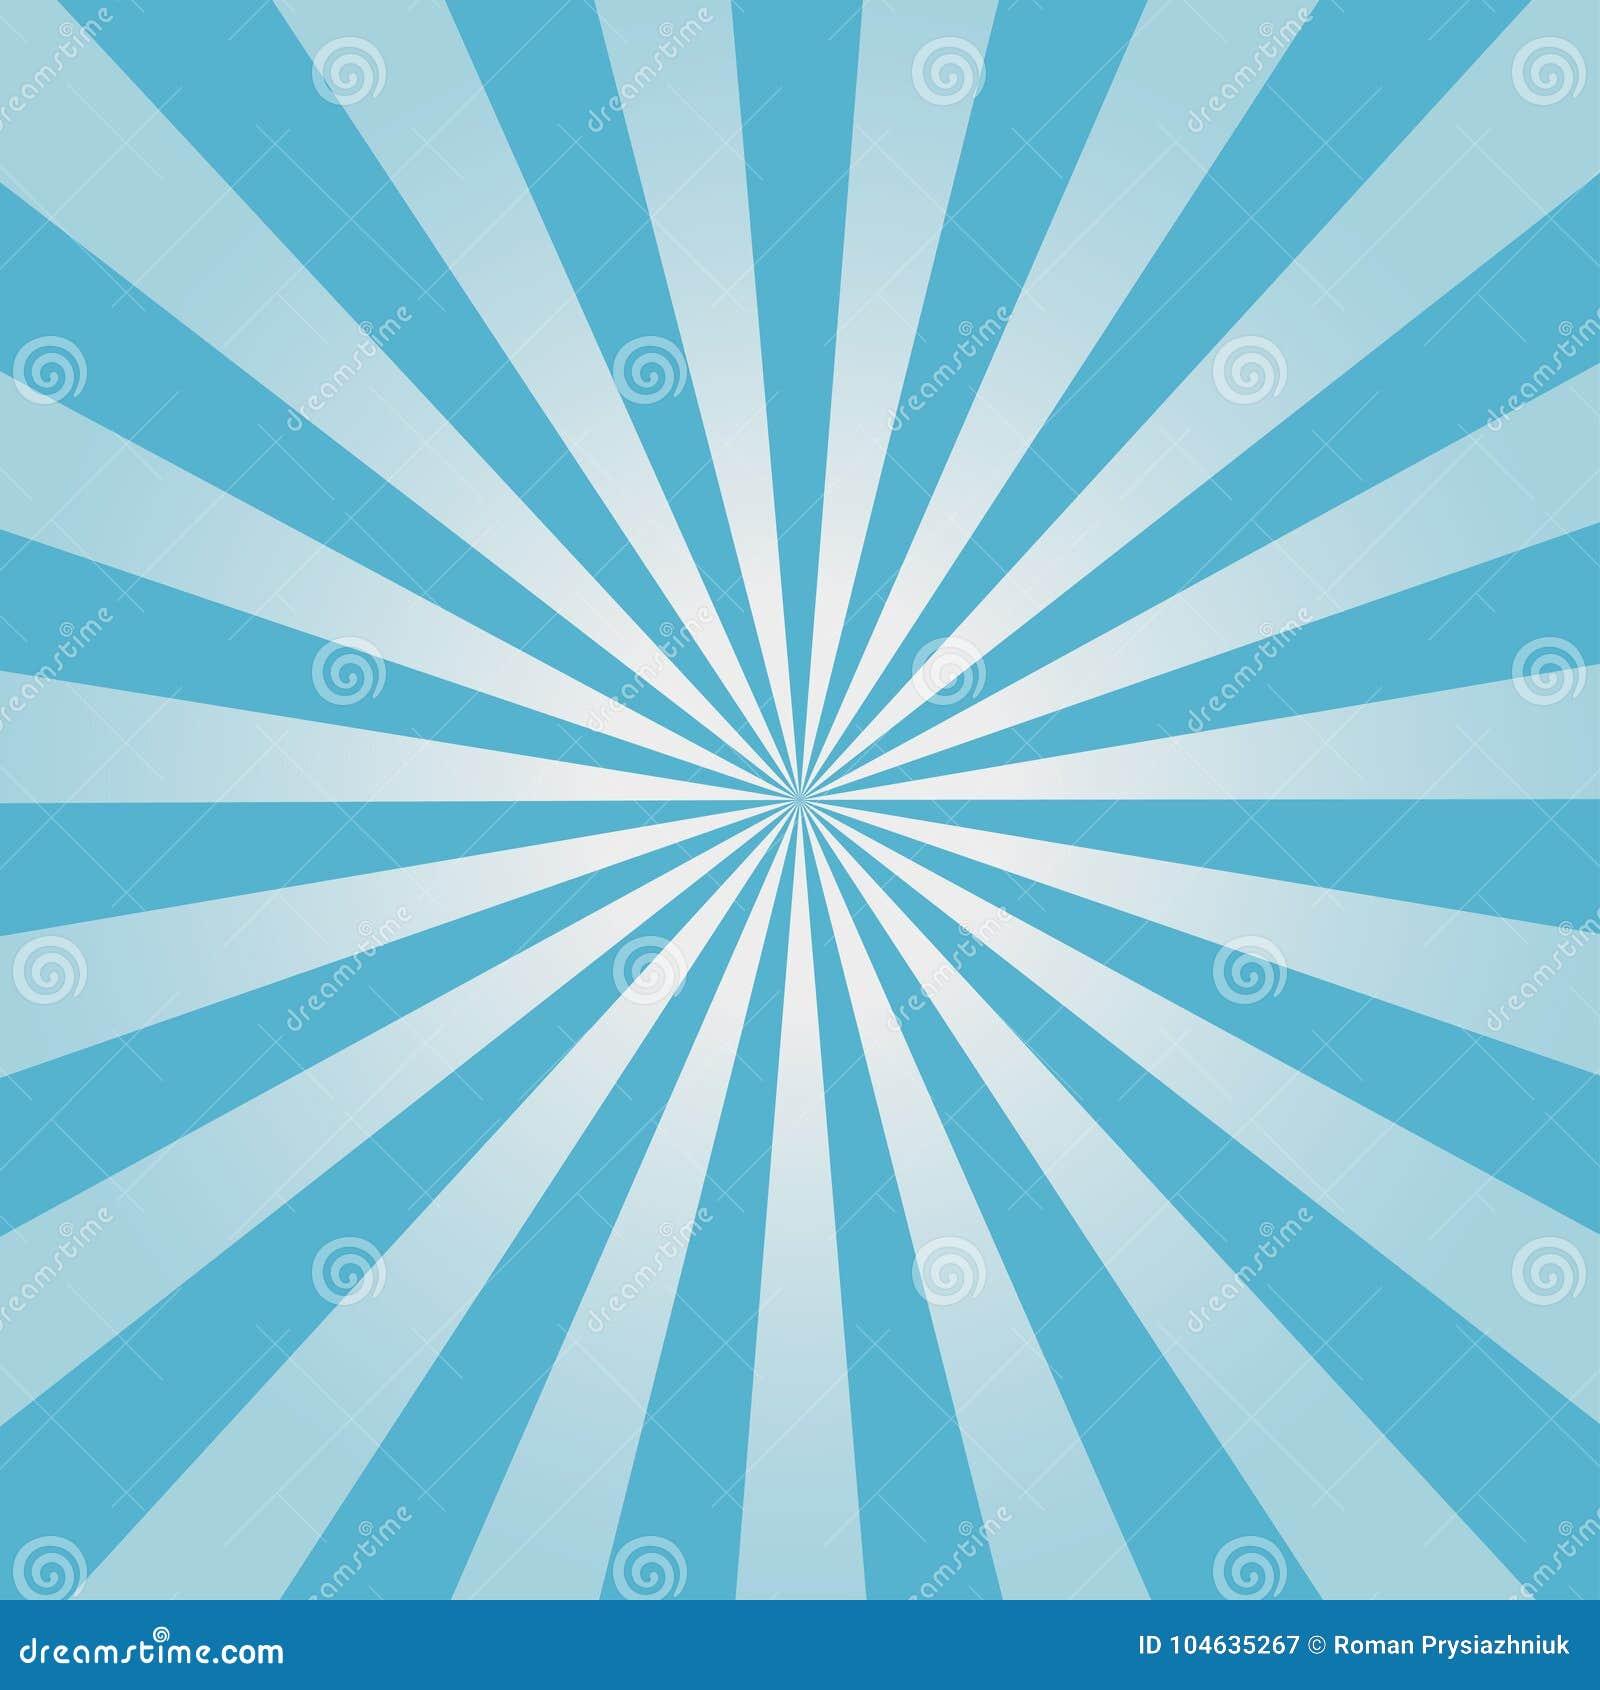 Grappige achtergrond Blauw Zonnestraalpatroon De abstracte achtergrond van zonstralen Vector